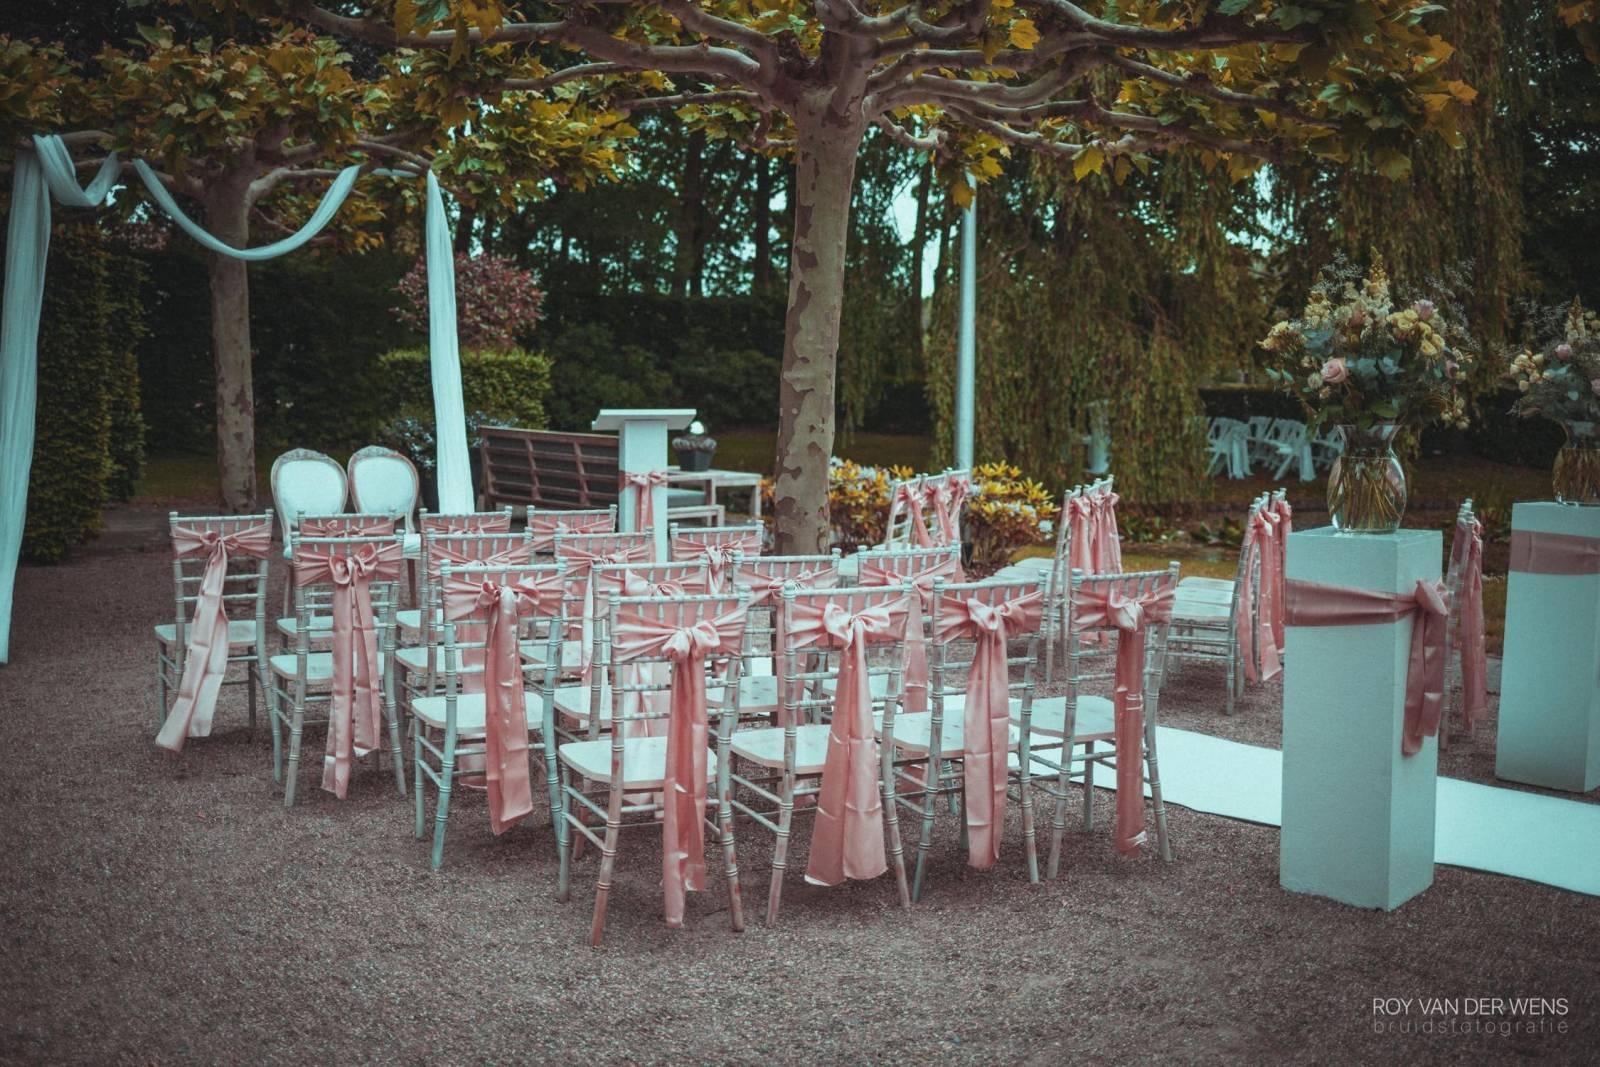 In Style Styling & Decoraties - Trouwdecoratie - Verhuurbedrijf - Wedding Design - House of Weddings - 1